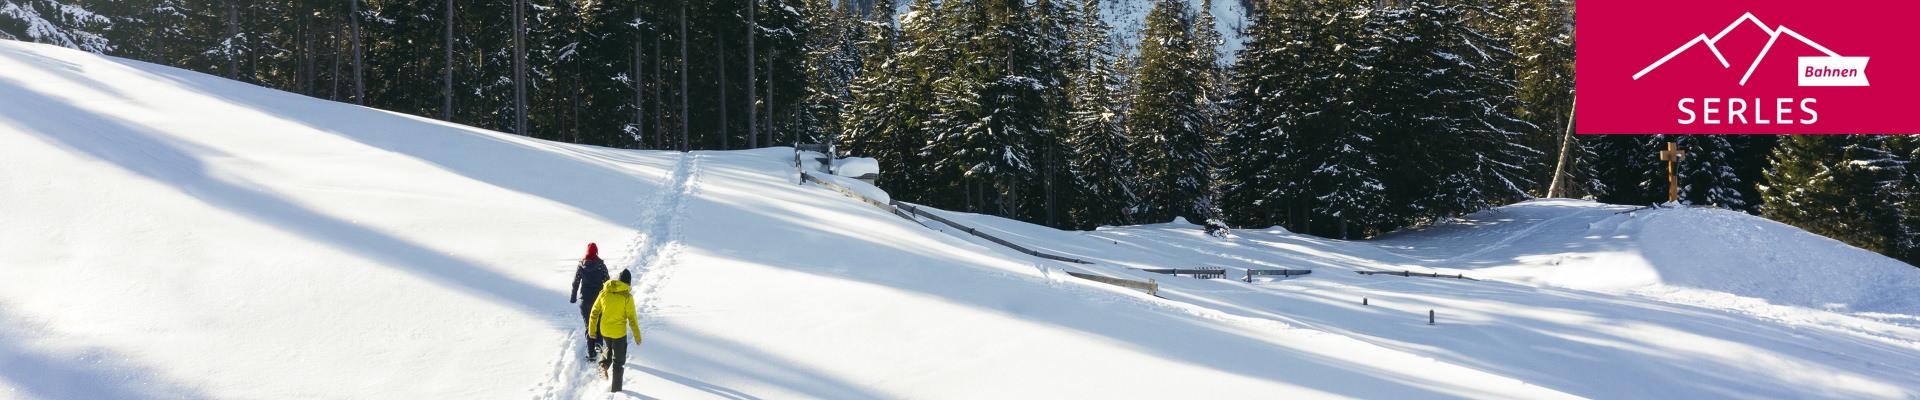 Randonnée hivernale dans la neige profonde à la Serlesbahnen